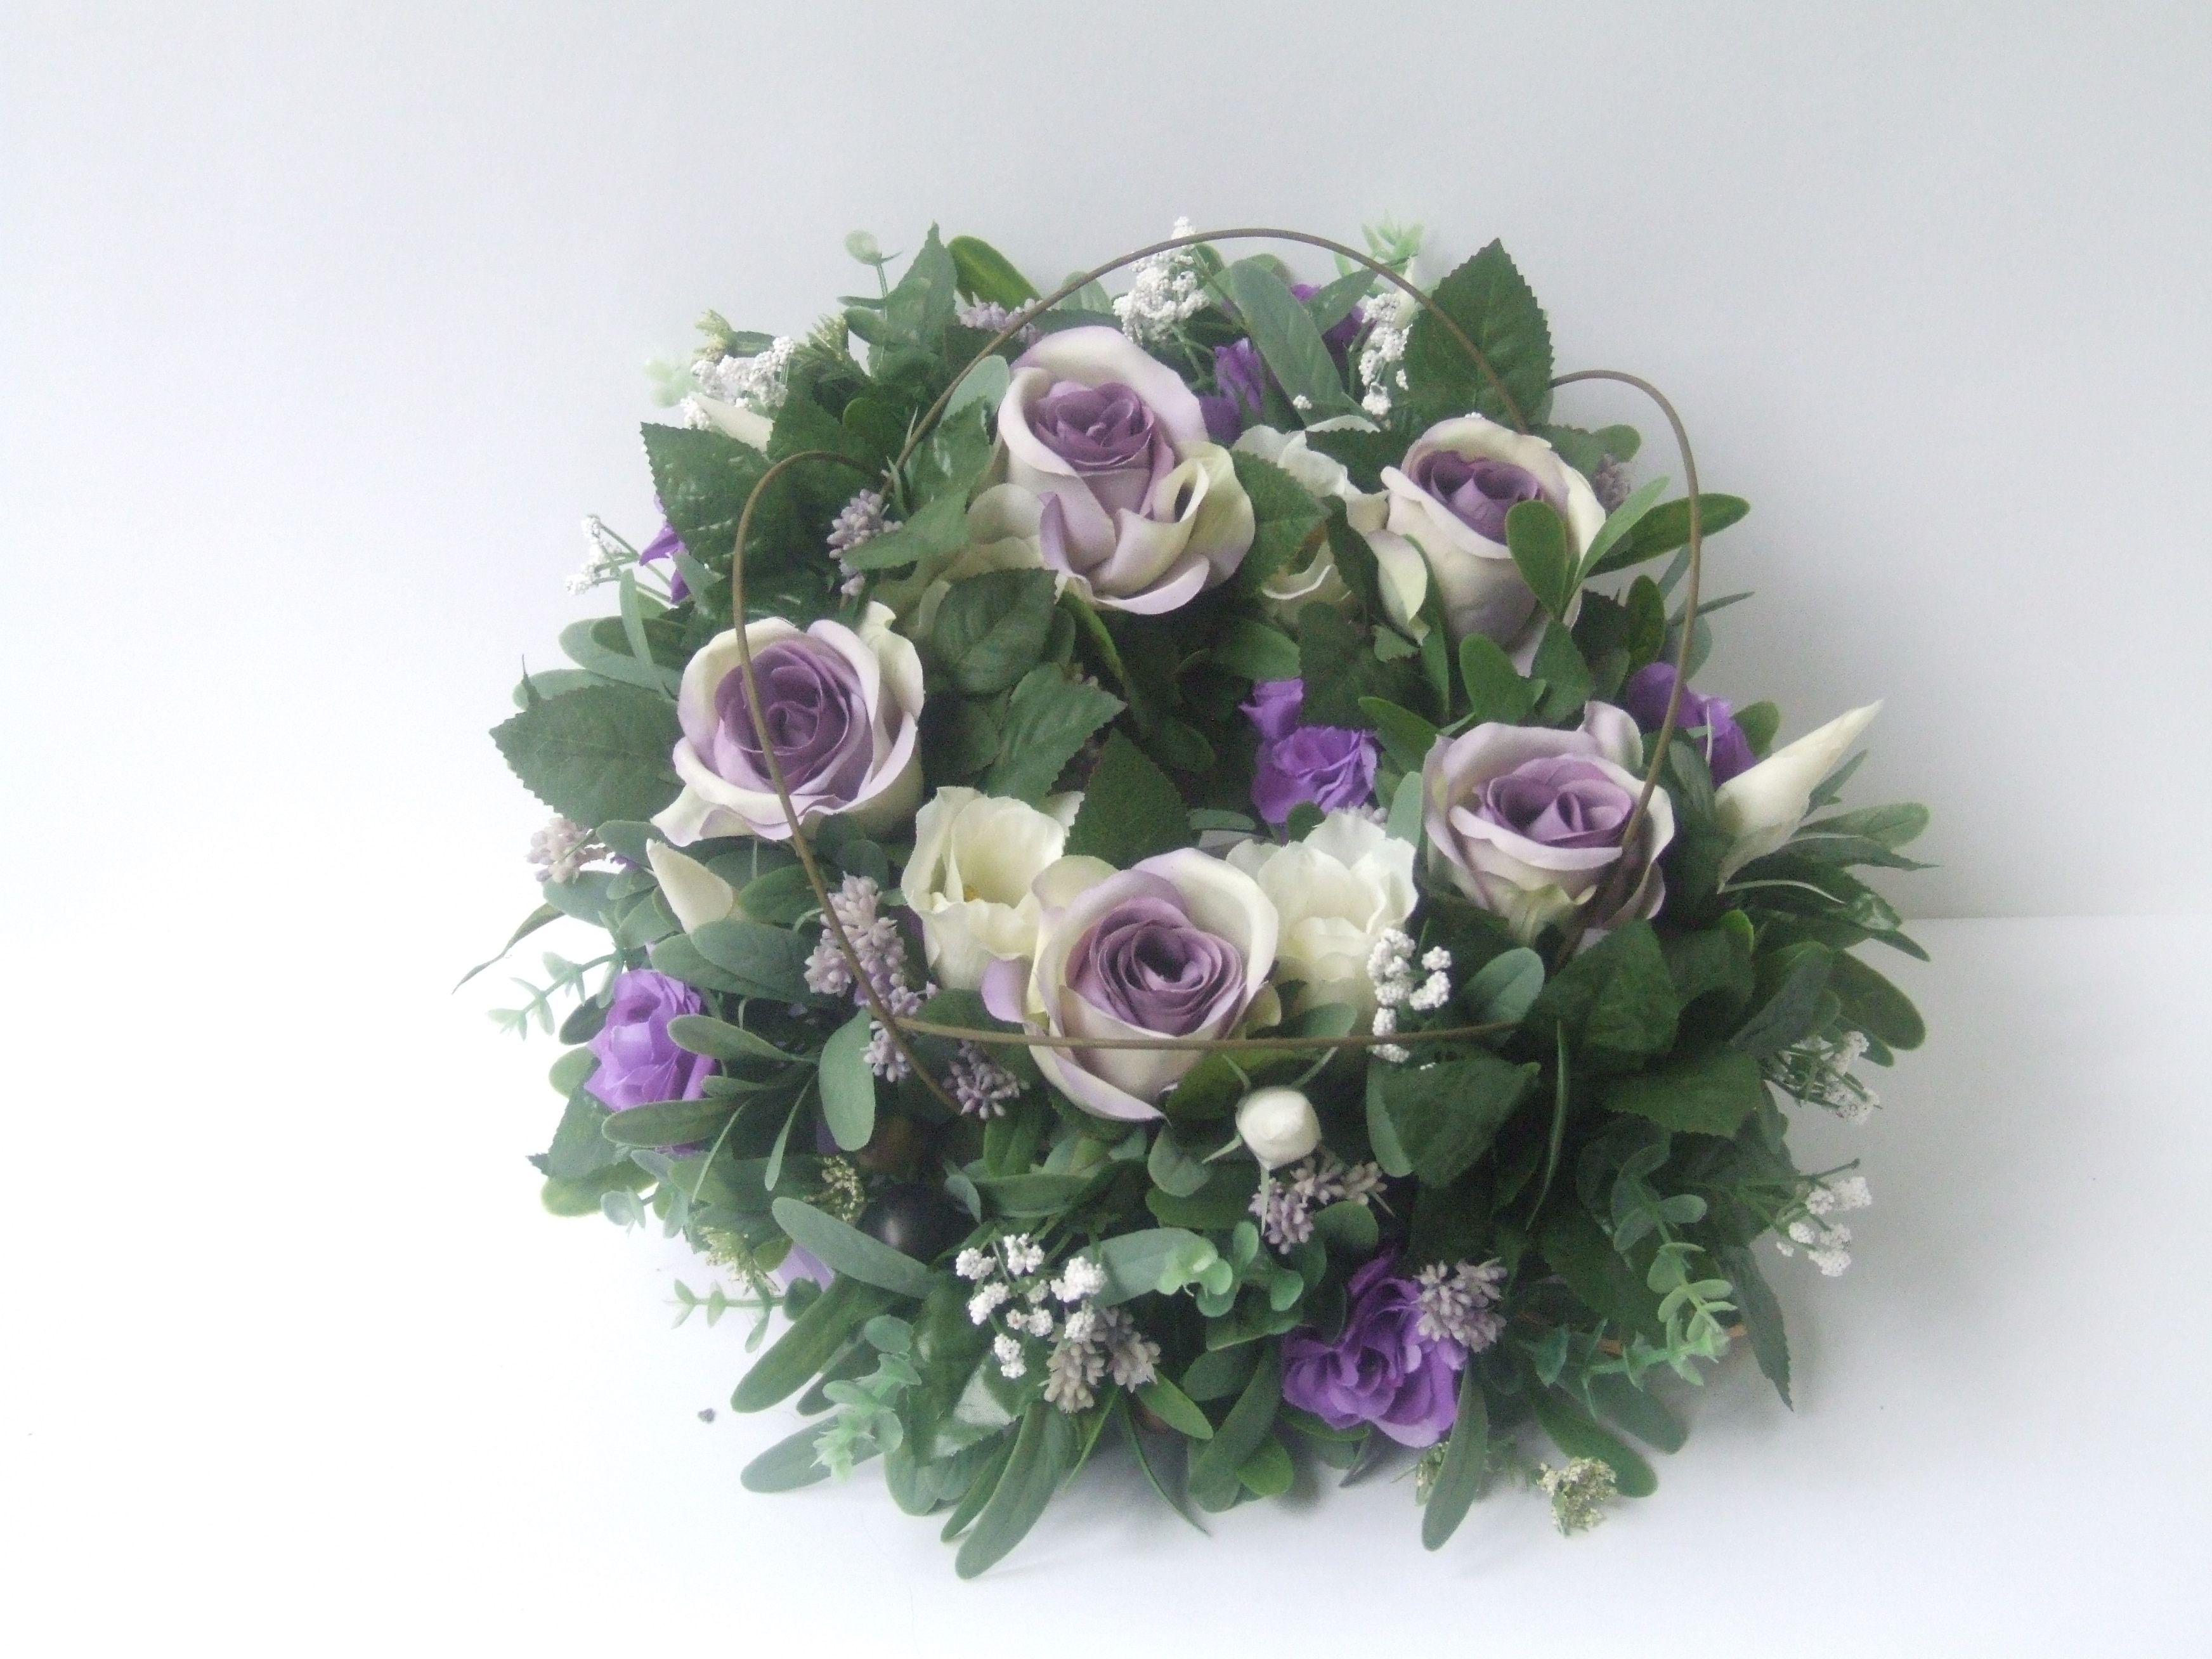 Purple and cream roses